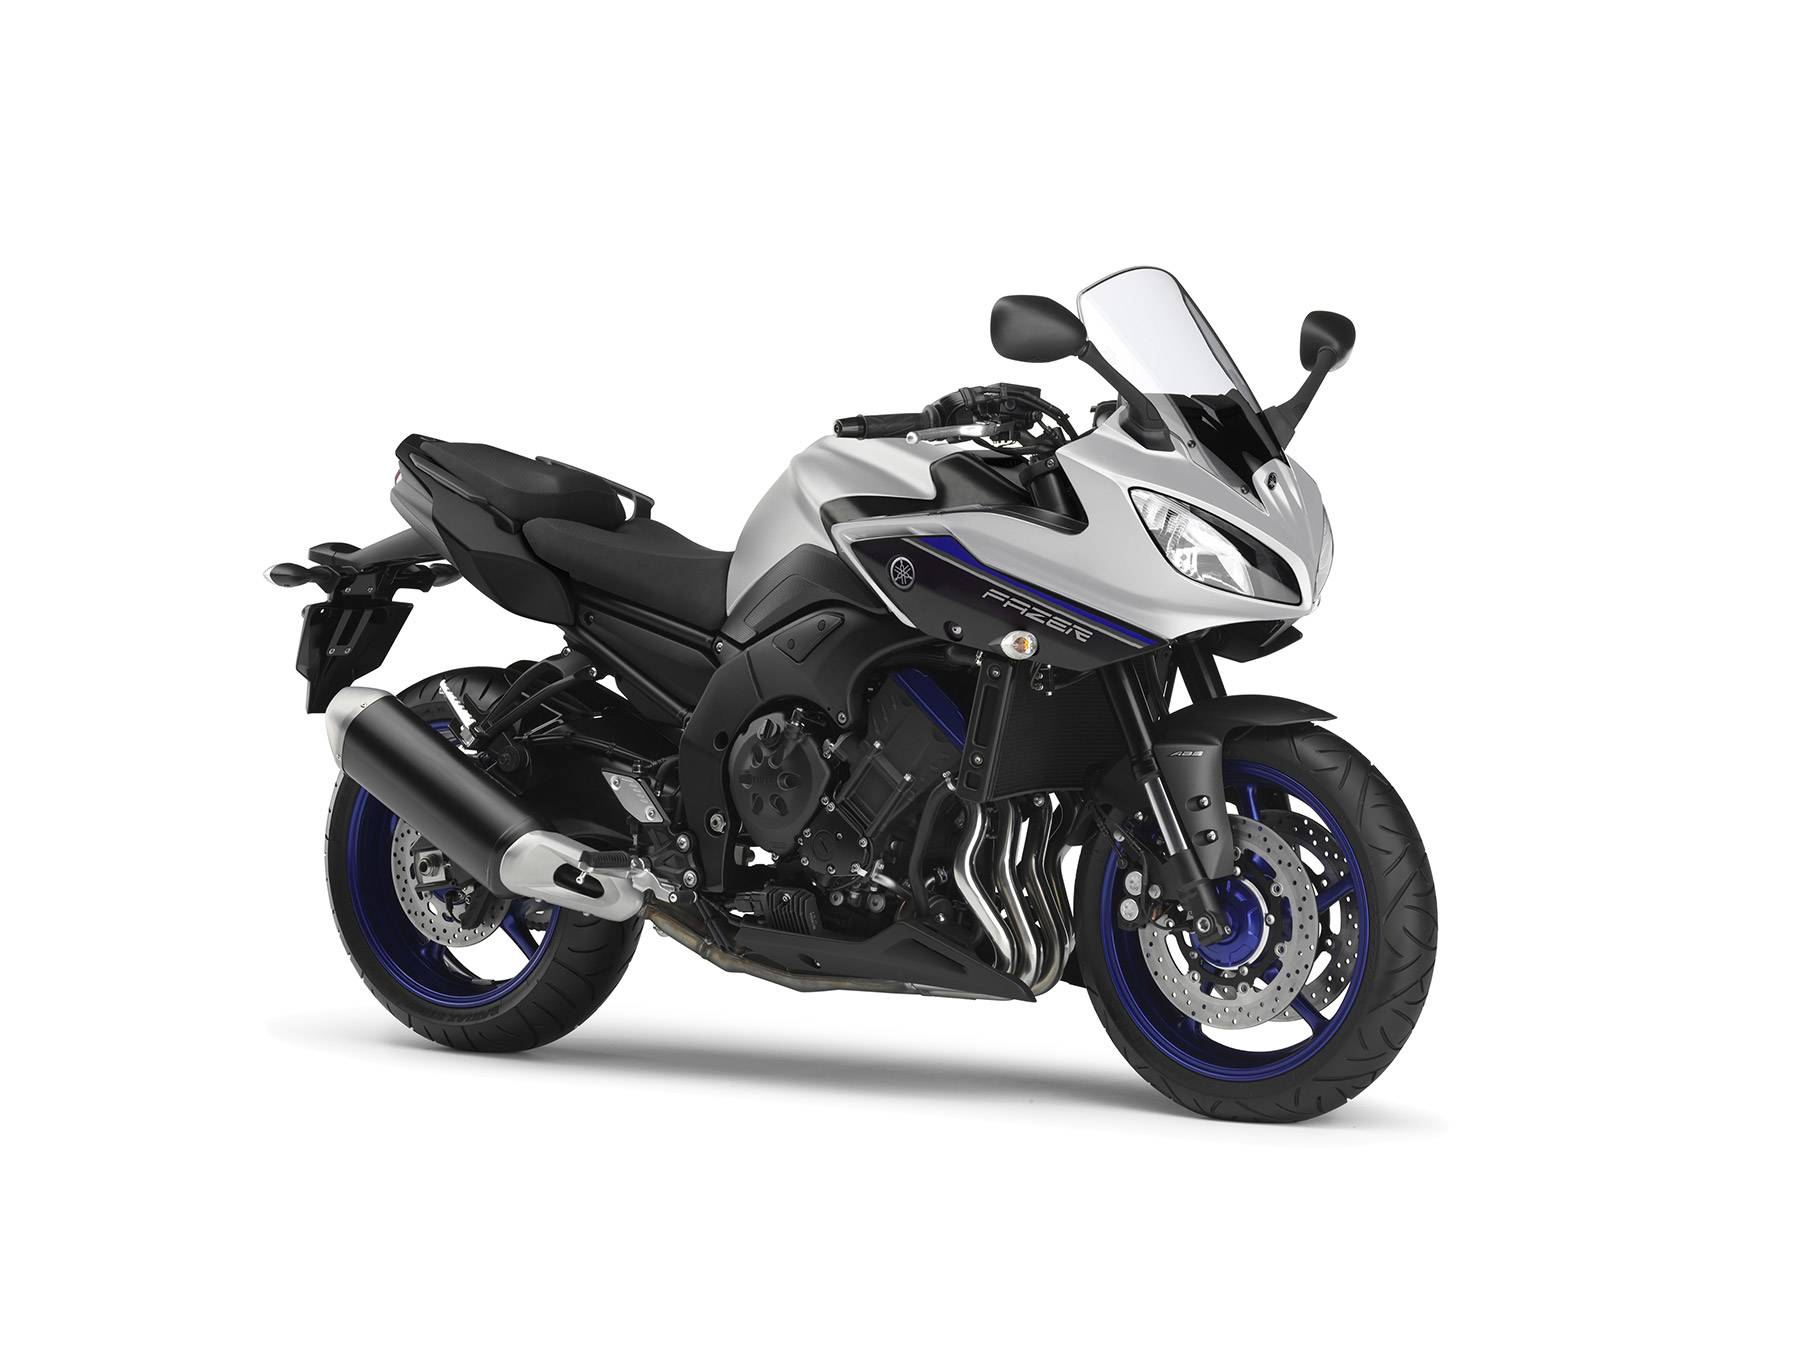 Yamaha Fazer8 2015 - Precio, fotos, ficha técnica y motos rivales